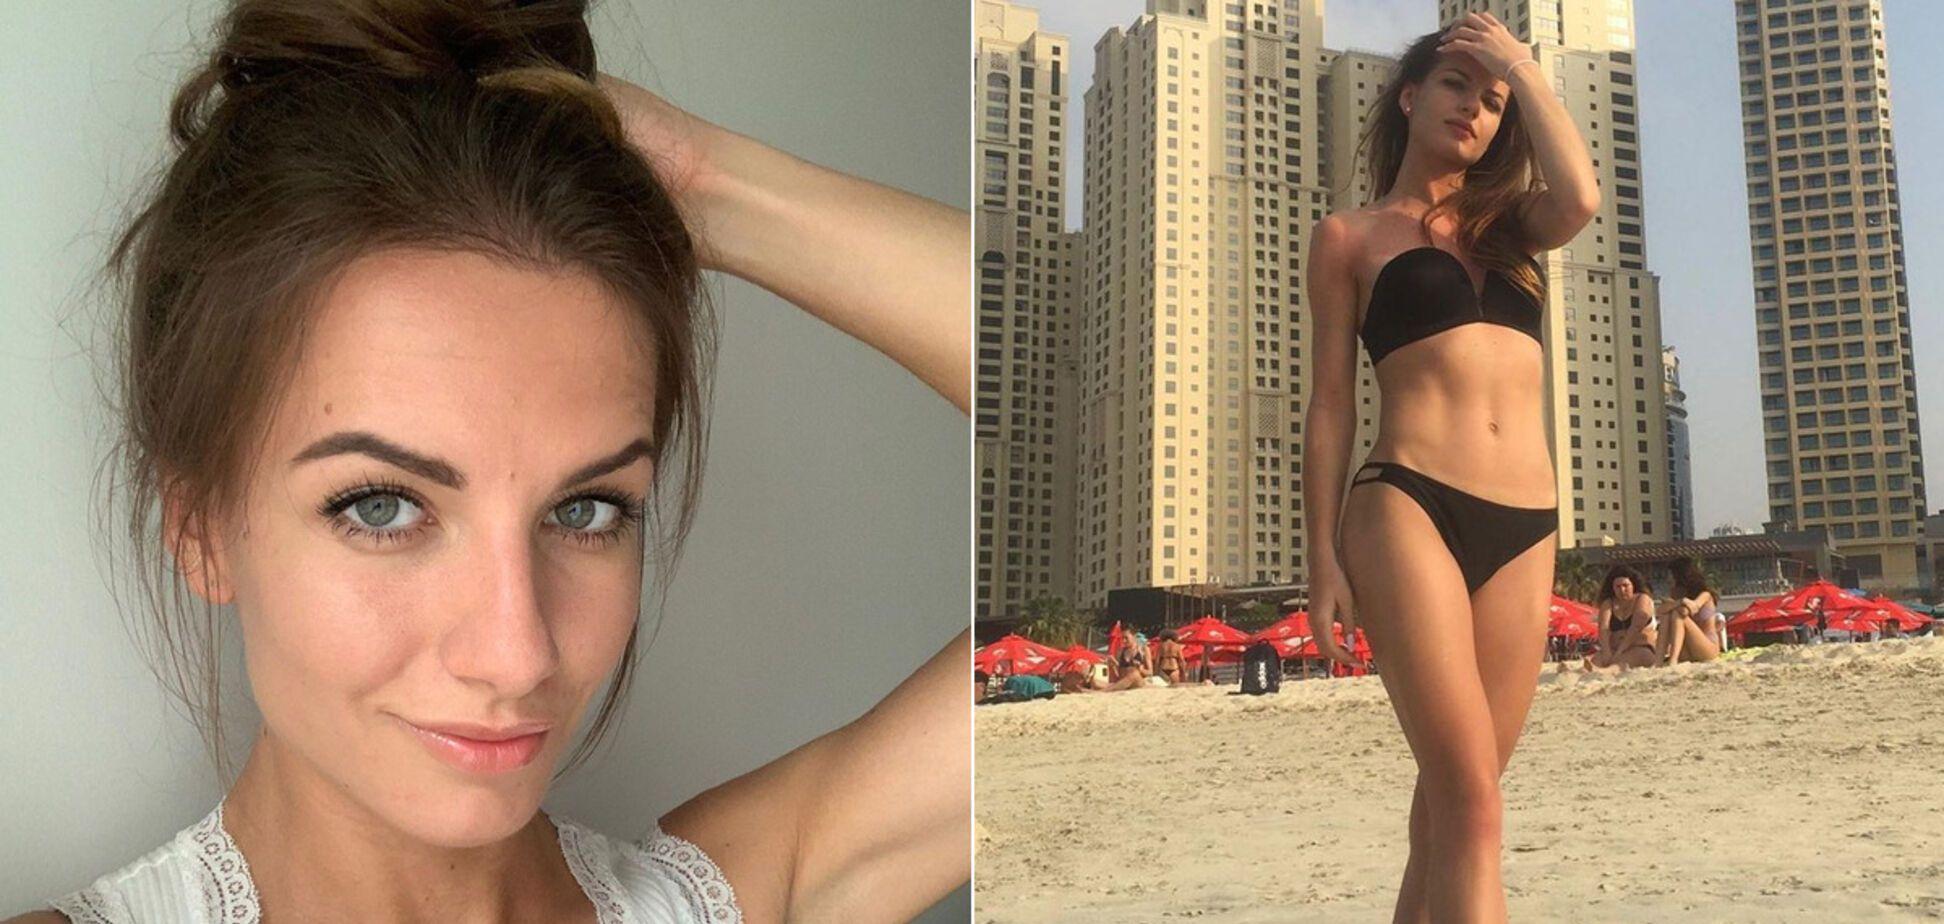 Самая сексуальная в мире девушка-арбитр показала себя в купальнике